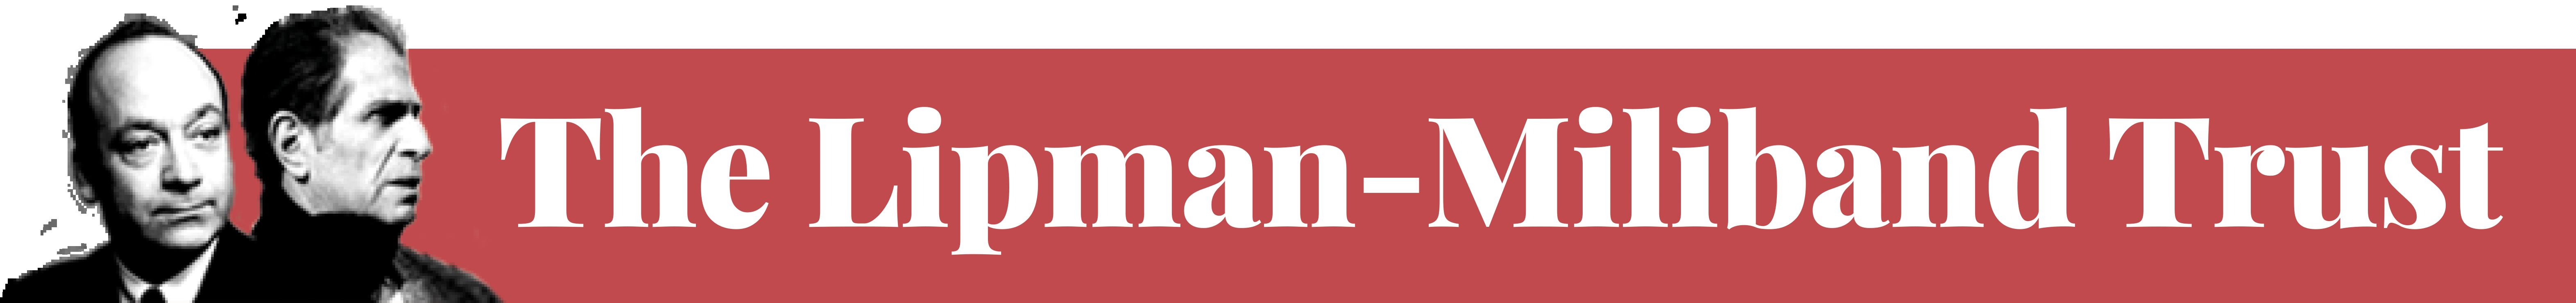 http://www.lipman-miliband.org.uk/logo/logo_files/lmt_logo_picture.png